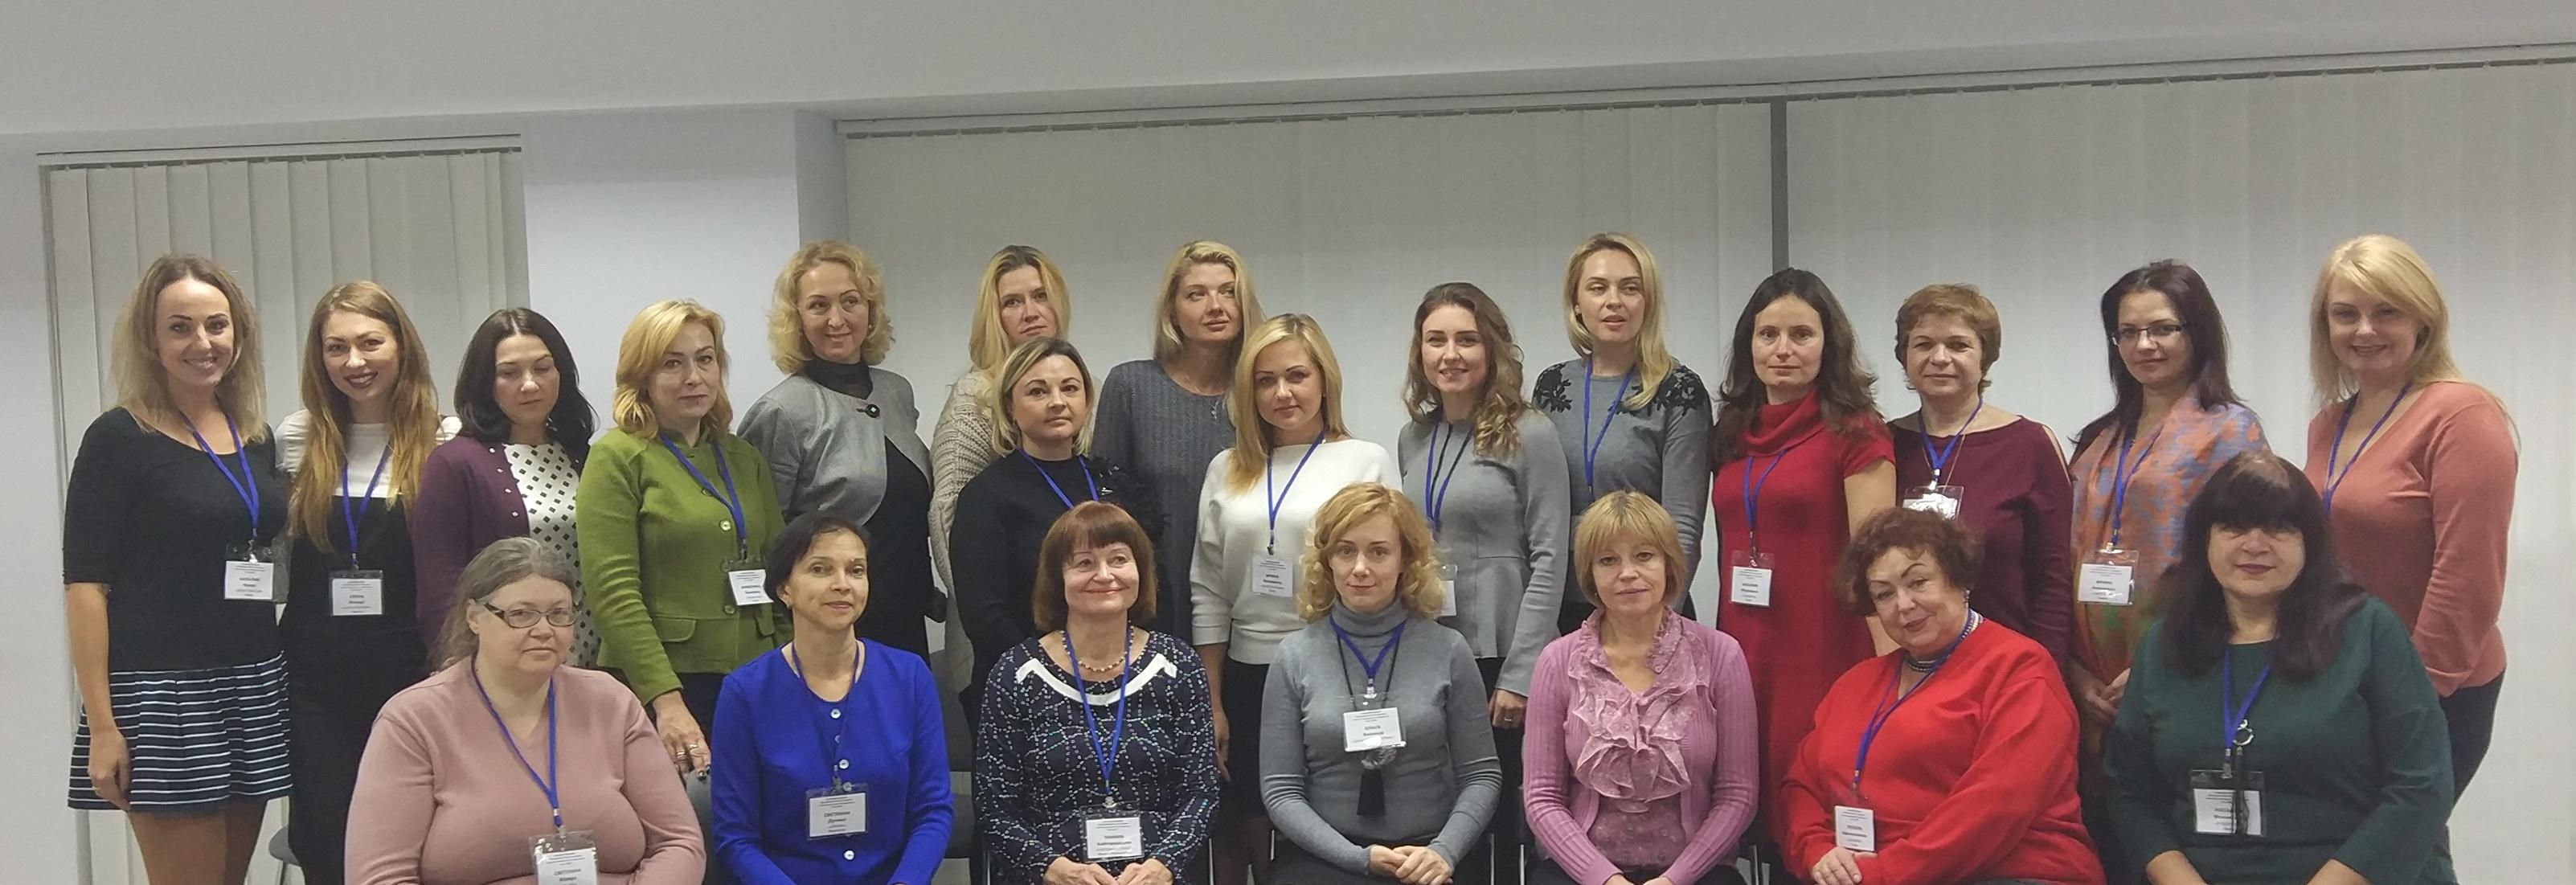 Фото делегатов II Всеукраинская конференция агентств домашнего персонала